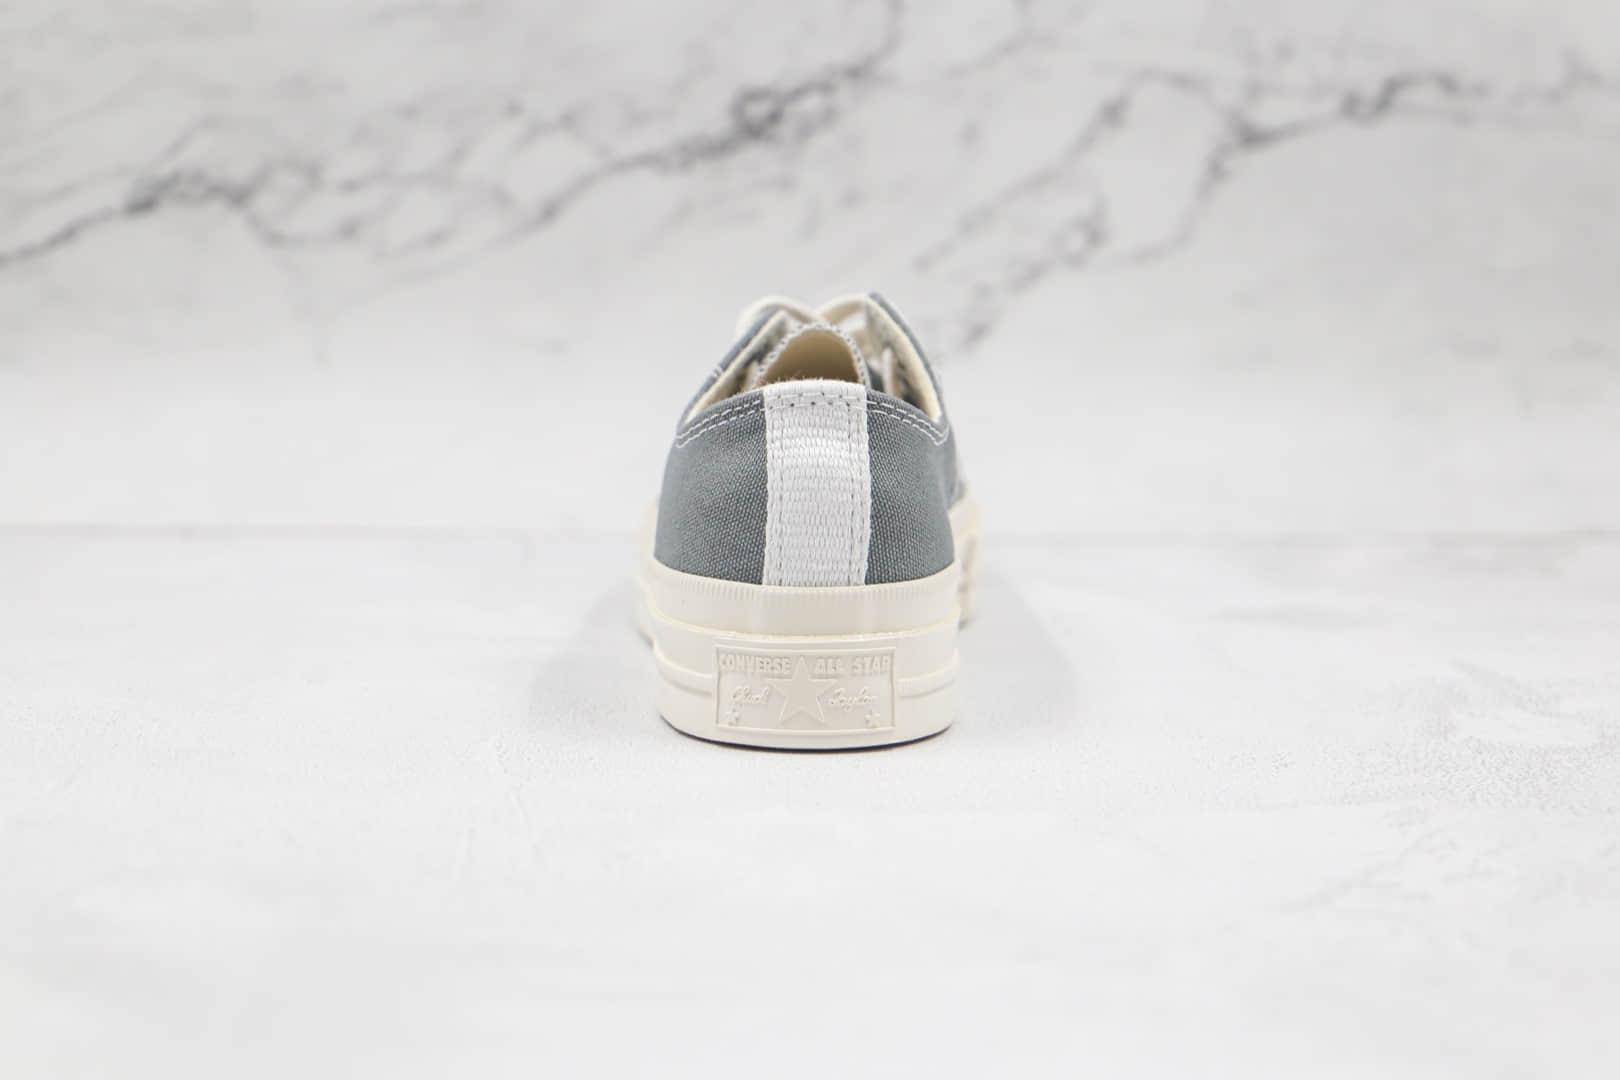 匡威Converse x Cdg Comme des Garçons Play联名款公司级版本川久保玲铁灰色硫化帆布鞋原鞋开模